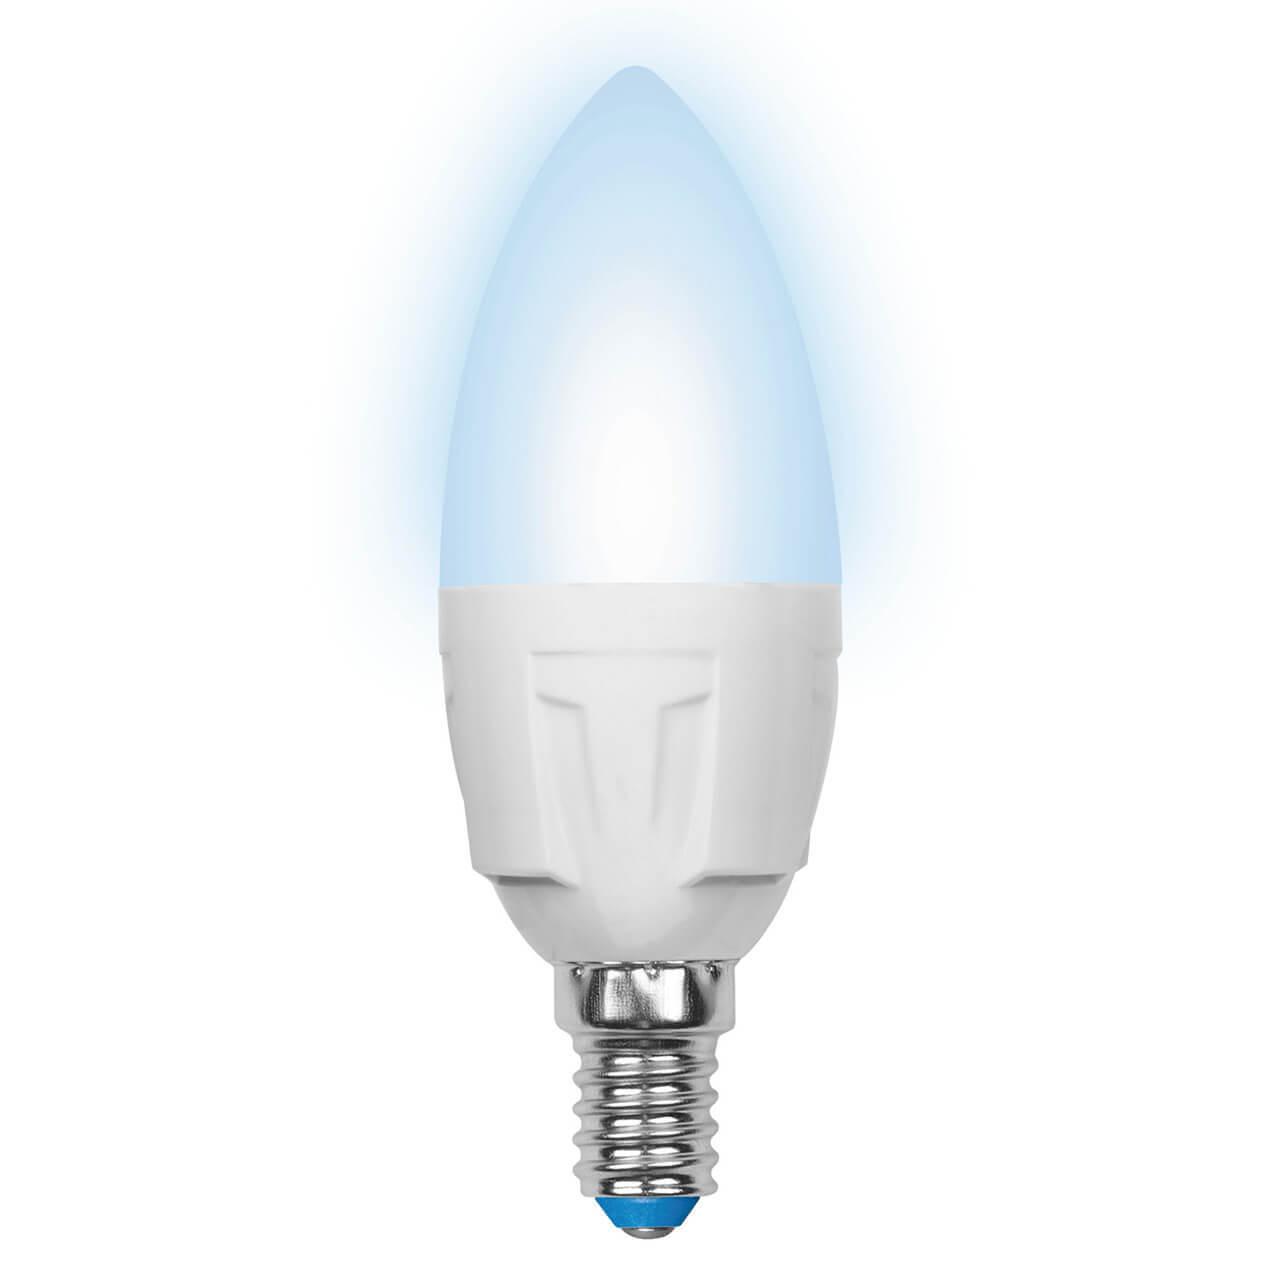 Лампочка Uniel LED-C37-6W/NW/E14/FR/DIM PLP01WH Palazzo Dim Candle (Диммирование) фото